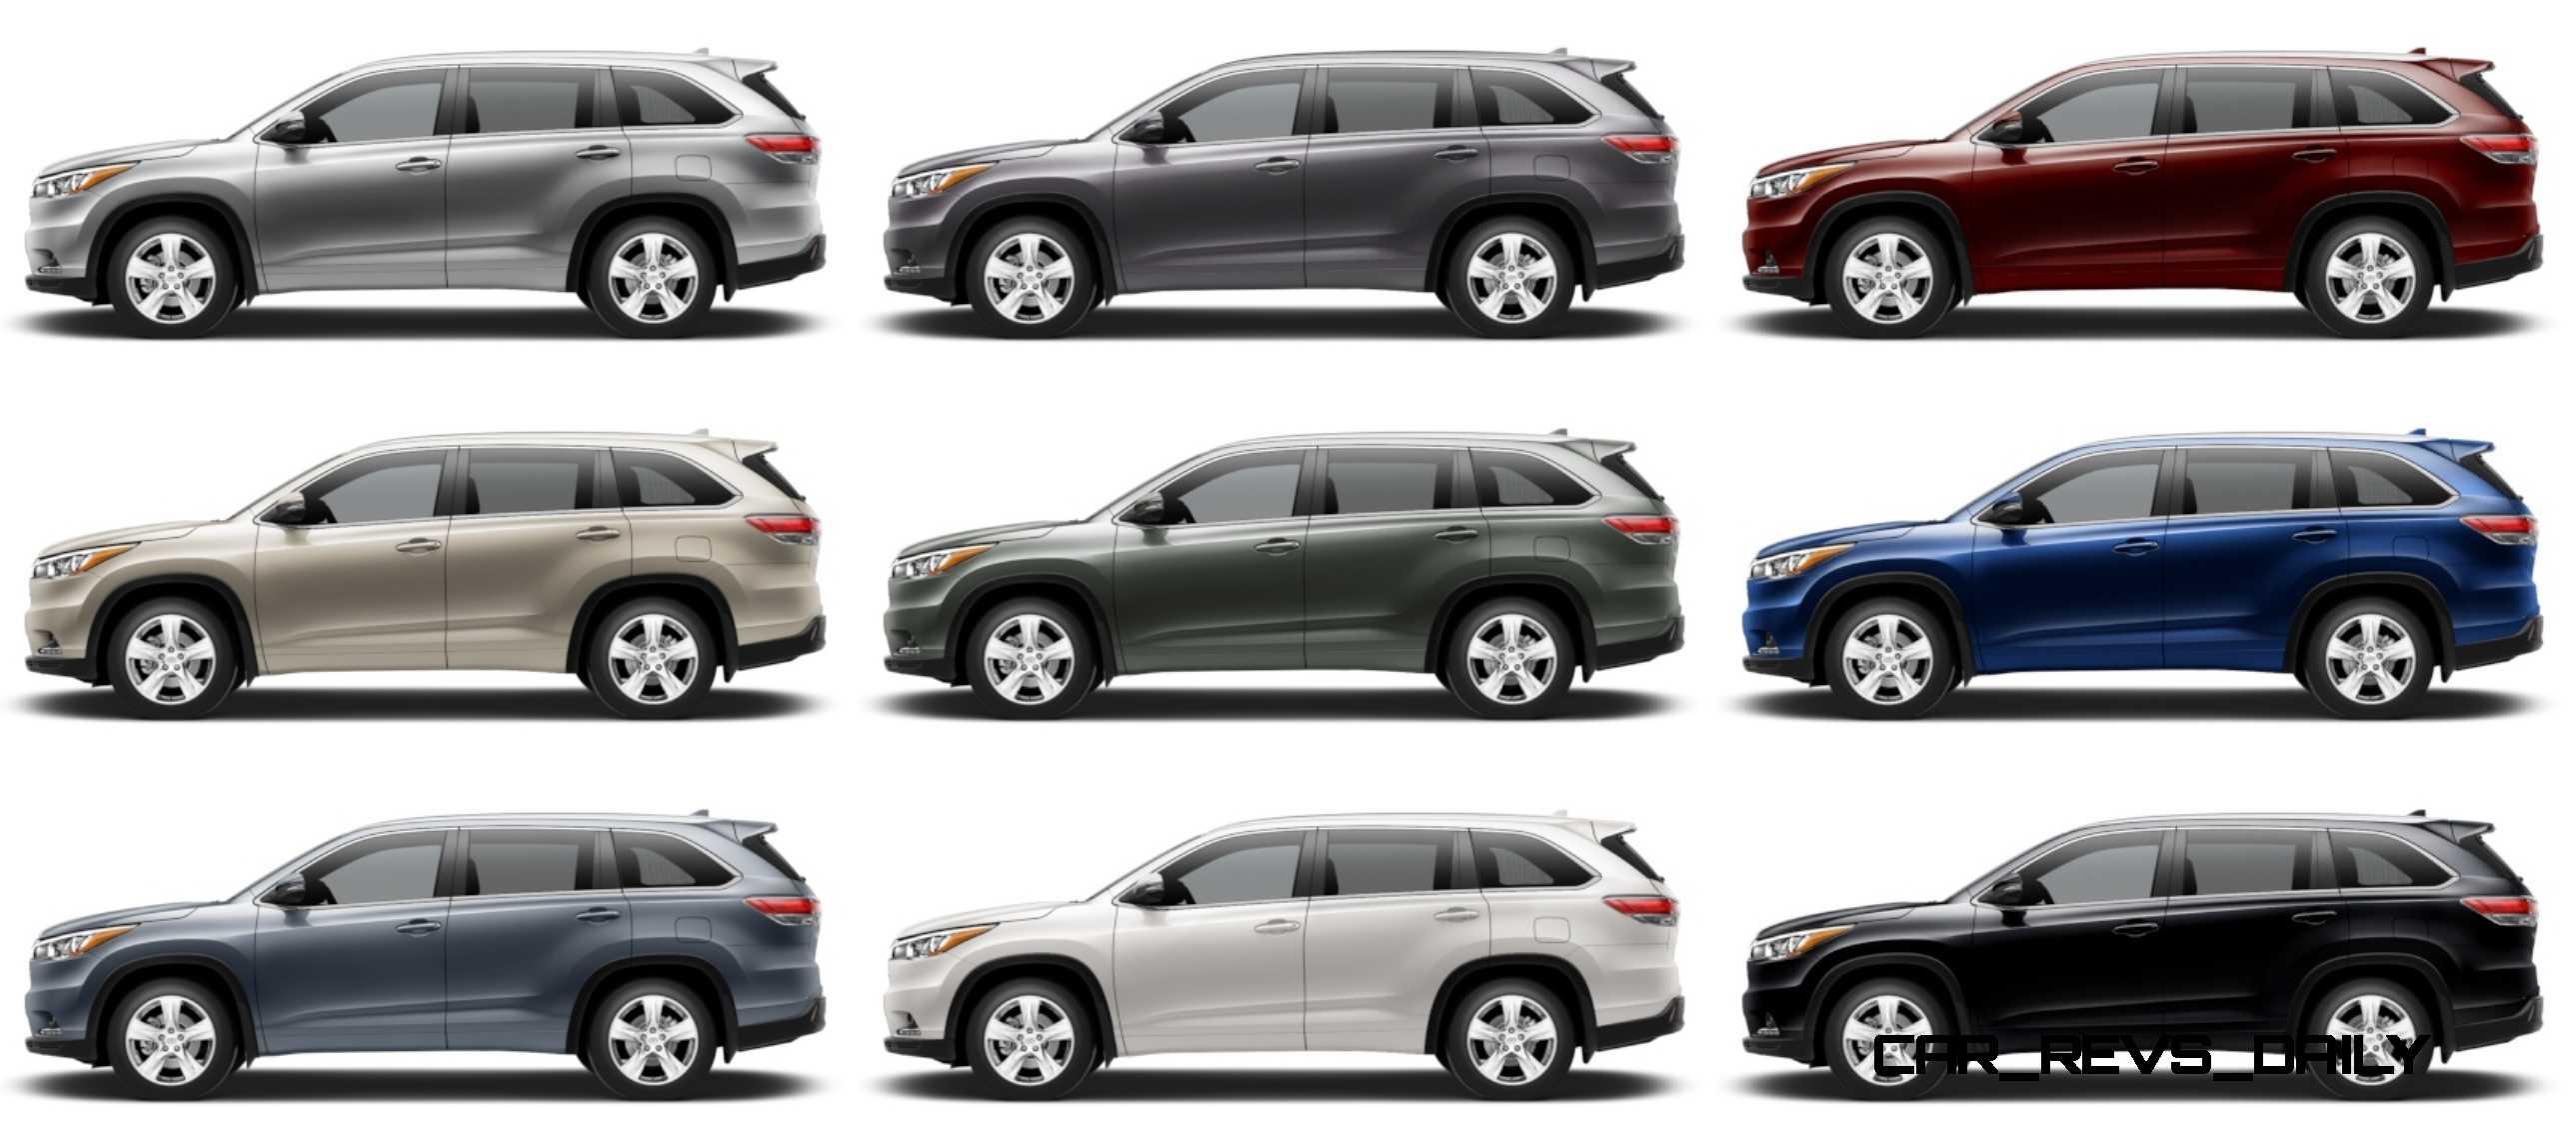 Toyota Highlander Colors >> Highlander Colors